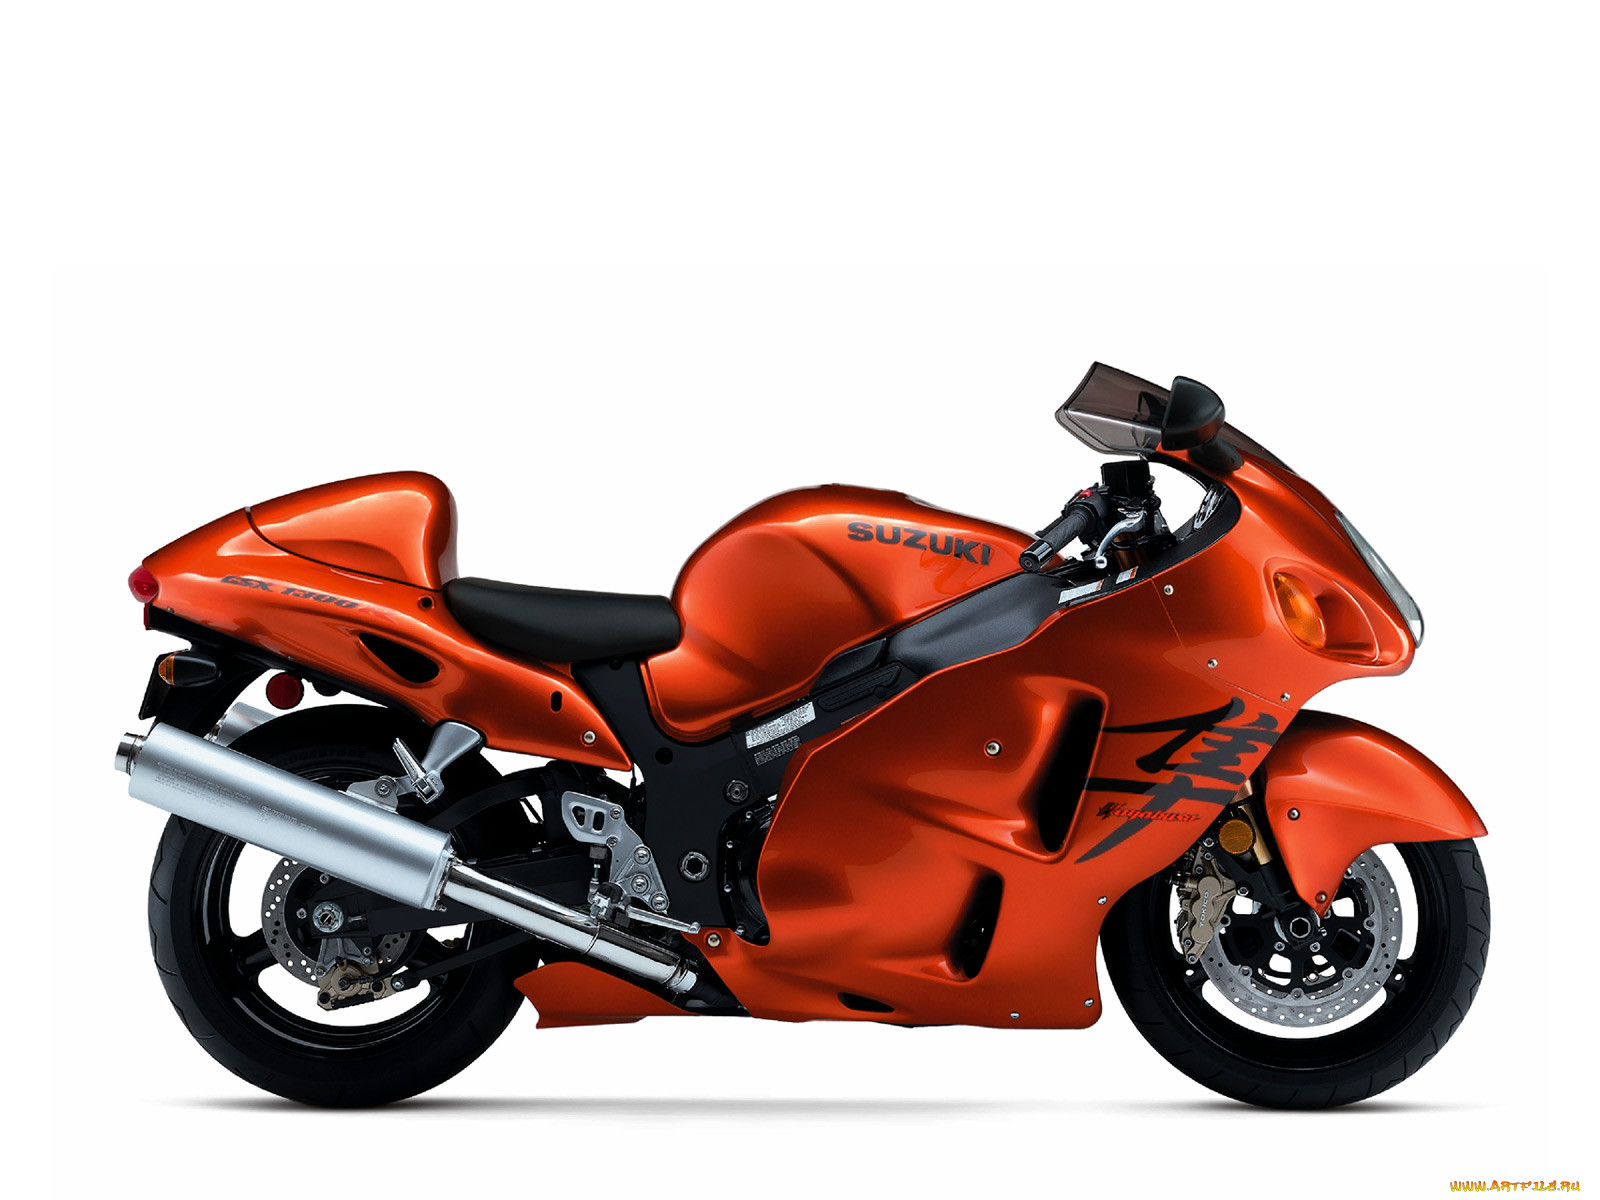 suzuki, gsx, 1300, hayabusa, мотоциклы